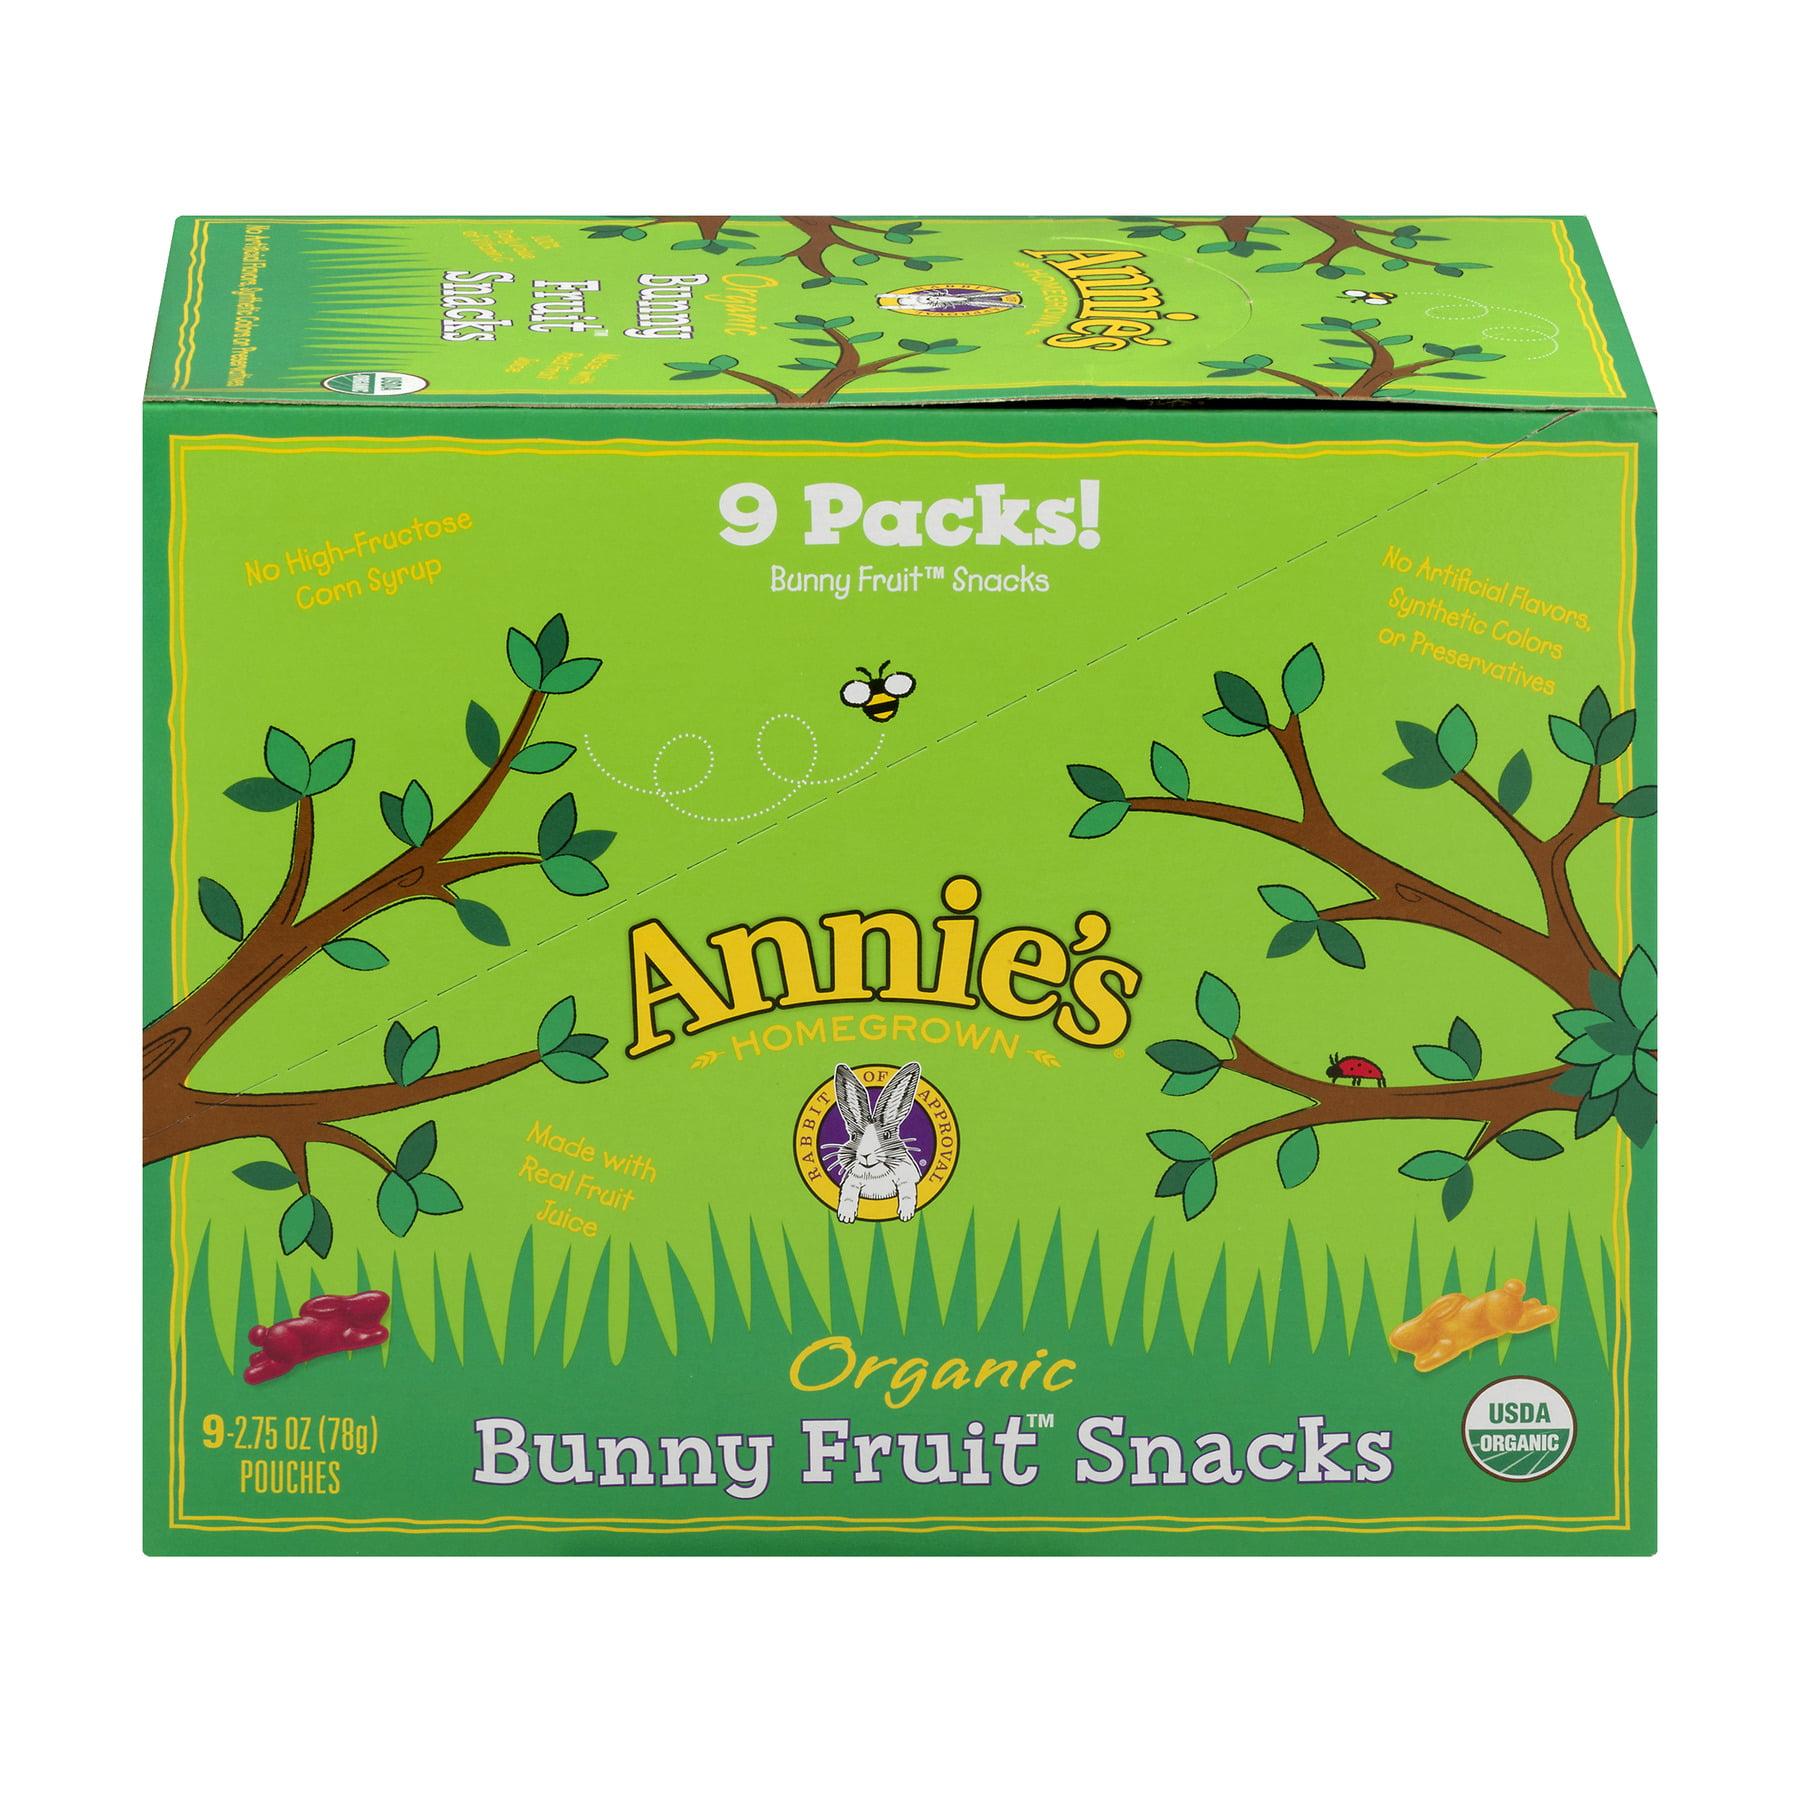 Annie's Organic Bunny Berry Patch Fruit Snacks, 24.75 oz